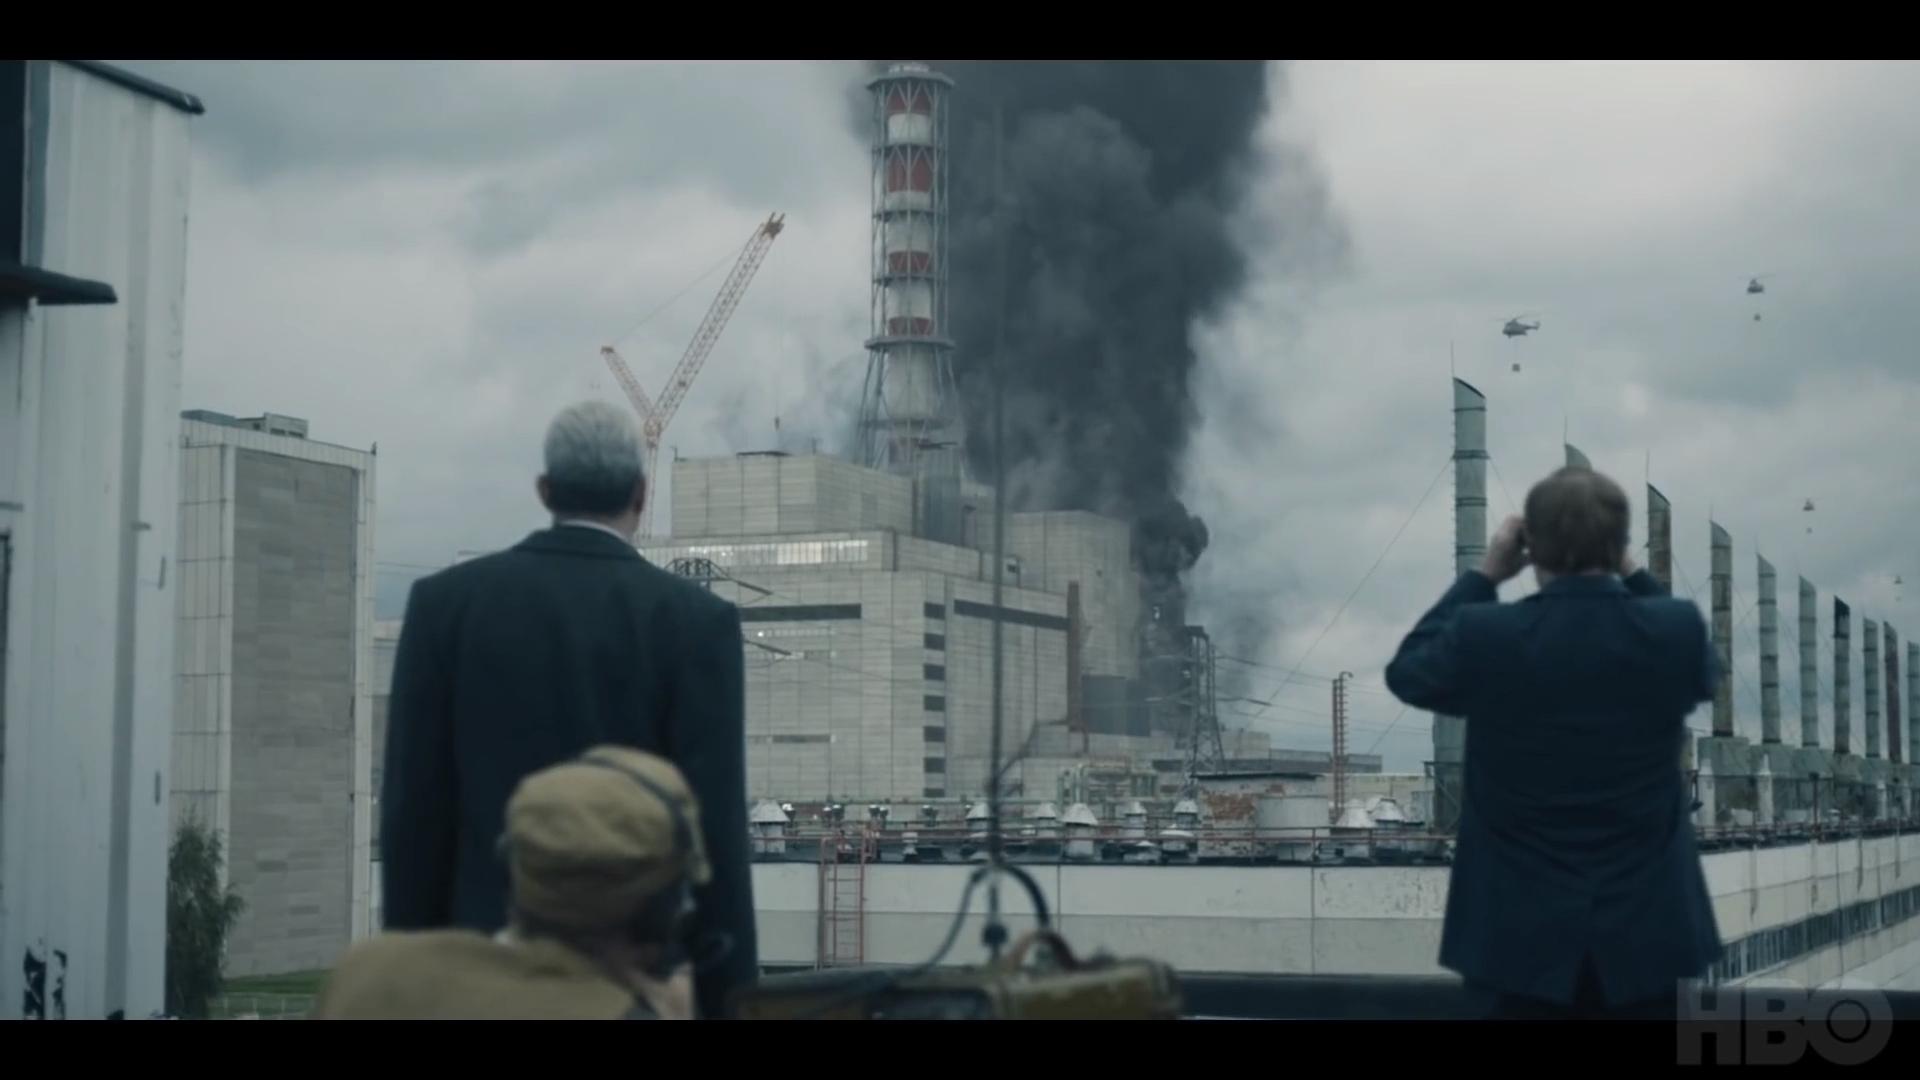 Chernobyl, la nuova serie sul disastro nucleare a breve anche in Italia thumbnail